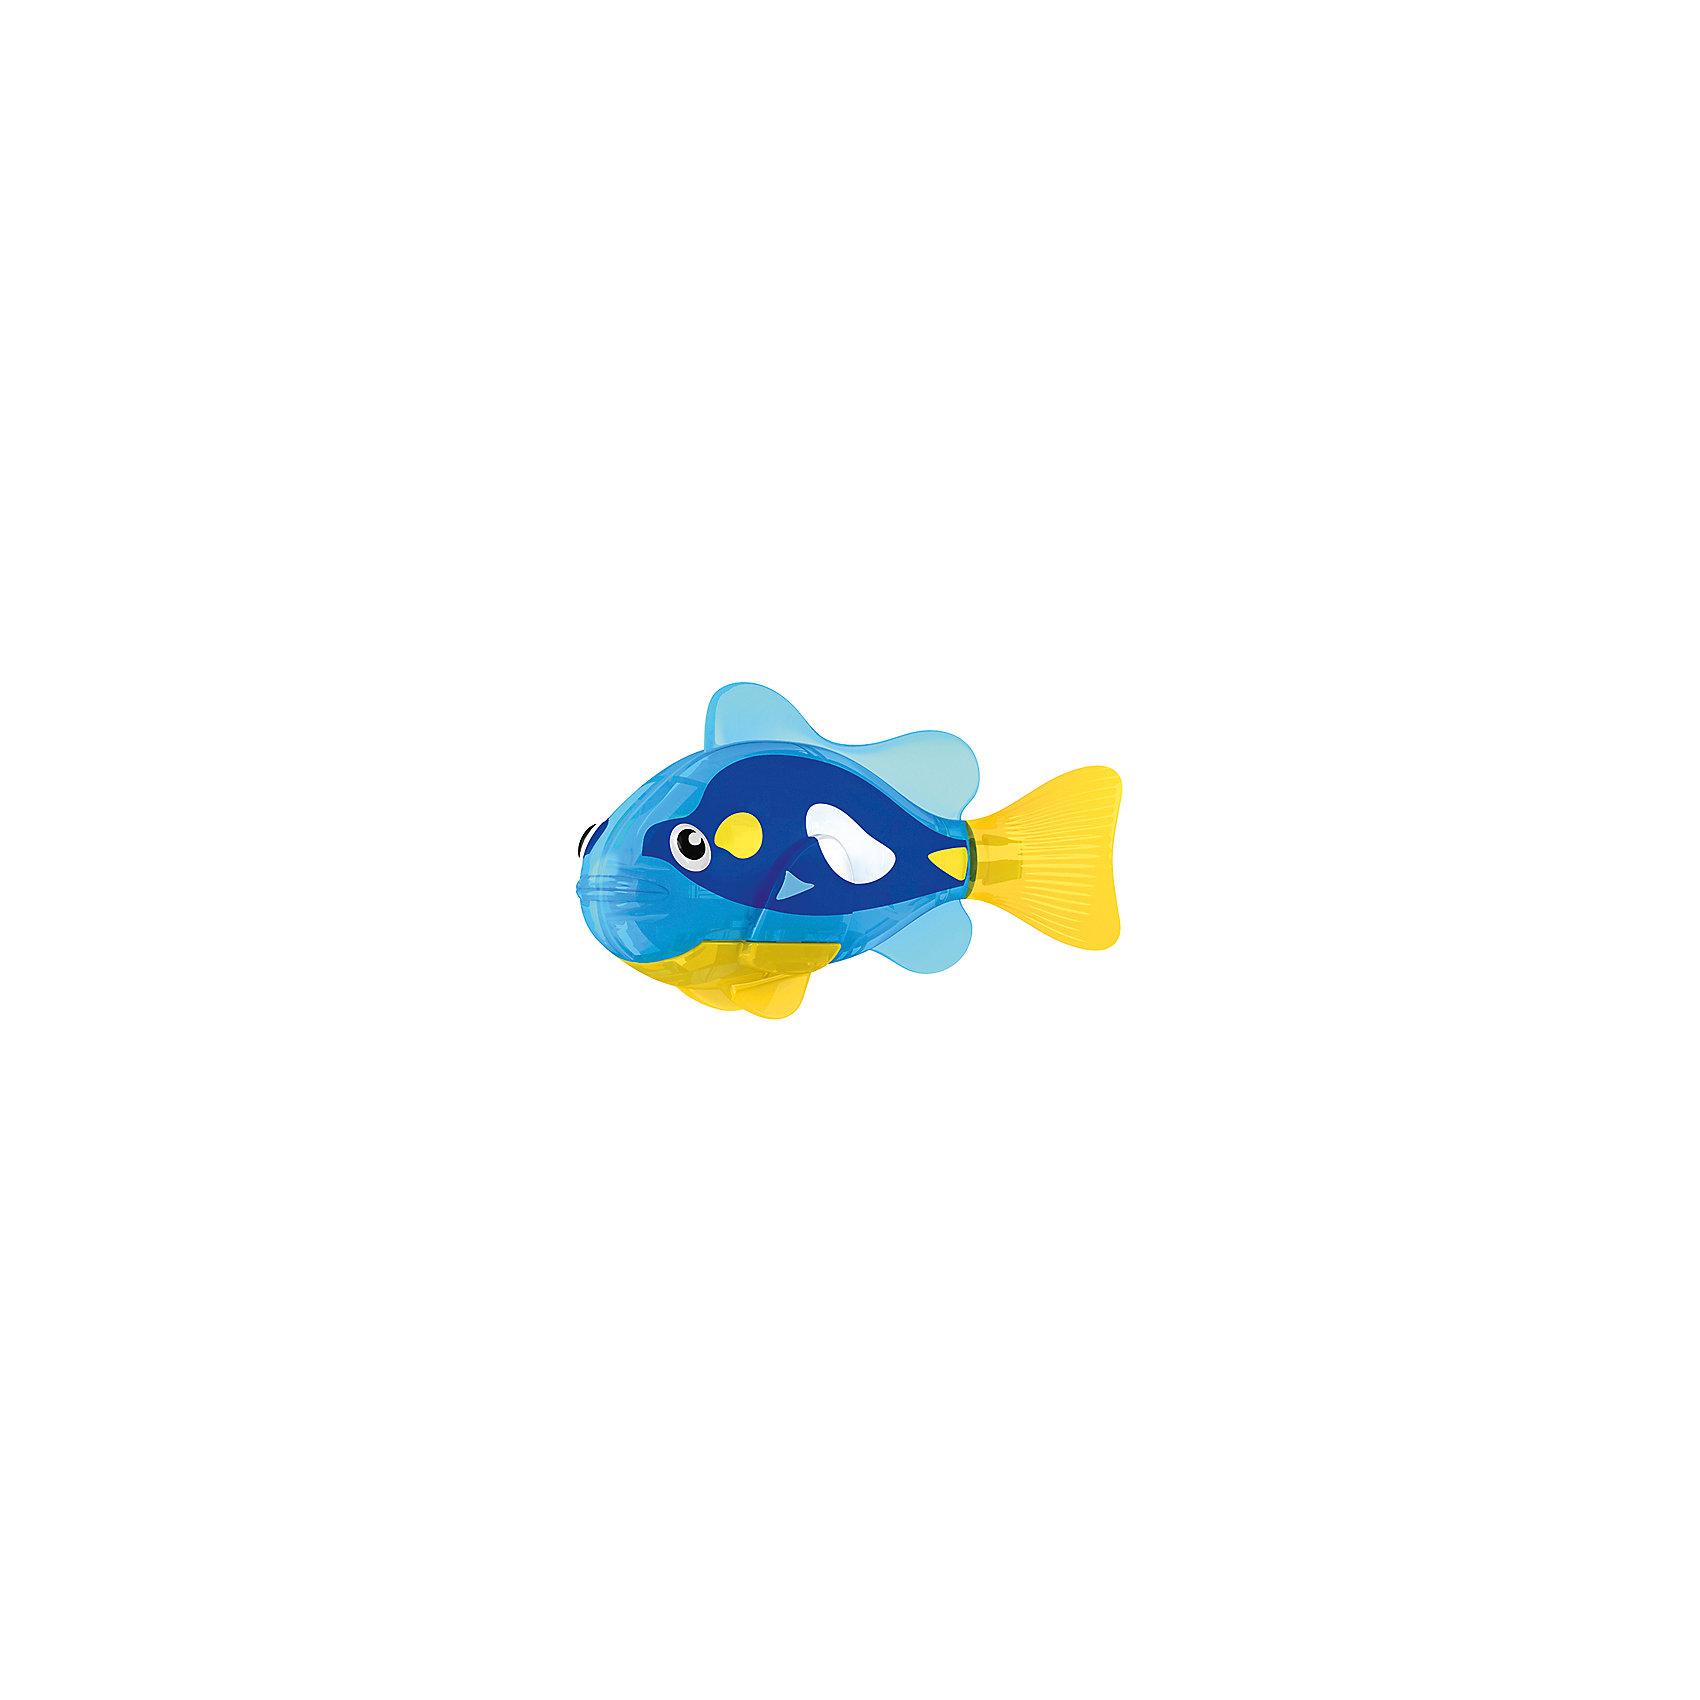 РобоРыбка  Ангел, RoboFishРоборыбки<br>Тропическая РобоРыбка Ангел, ZURU (Зуру) – это высокотехнологичная инновационная игрушка, имитирующая движения и повадки рыбы в воде.<br>Тропическая РобоРыбка (Robofish) Ангел выглядит очень красиво и напоминает свою родственницу из теплых морей. Для РобоРыбки нужна только ёмкость с водой, и никакого ухода! Автоматический датчик, активирует рыбку в воде. Мягкий силиконовый хвост и электромагнитный мотор позволит ей двигаться в 5 различных направлениях: влево, вправо, вперед, вверх или вниз. Ультразвуковая герметизация на 100% защитит внутренности от проникновения воды. РобоРыбка повторяет повадки настоящих рыб: опускается на дно и всплывает на поверхность, сбивается в стаи с другими роборыбками, трется о стенки аквариума, меняет скорость движения, оплывает преграды. Внутри рыбки в крышке под батарейками находится специальный грузик, регулирующий глубину ее погружения. Для того, чтобы рыбка перестала двигаться нужно достать её из воды и насухо вытереть. Хранить РобоРыбку можно на специальной подставке, которая есть в комплекте. Игрушка выполнена из материалов абсолютно безопасных для здоровья.<br><br>Дополнительная информация:<br><br>- Возраст: для детей от 3 лет<br>- В комплекте: 1 рыбка, подставка, 4 батарейки (две установлены в игрушку и 2 запасные)<br>- Батарейки: тип RL44(A76)<br>- Размер рыбки: 7,5 x 2,0 x 3,5 см.<br>- Материал: пластик с элементами металла и резины<br>- Вес в упаковке: 72 г.<br>- Размер упаковки: 20 x 6,5 x 5 см.<br><br>Тропическая РобоРыбка (Робофиш) Ангел, ZURU (Зуру) - заведите себе аквариум, обитатели которого порадуют и развлекут Вас своими забавными повадками и при этом совсем не потребуют никакого ухода!<br><br>Тропическую РобоРыбку Ангел, ZURU (Зуру) можно купить в нашем интернет-магазине.<br><br>Ширина мм: 435<br>Глубина мм: 240<br>Высота мм: 405<br>Вес г: 216<br>Возраст от месяцев: 48<br>Возраст до месяцев: 96<br>Пол: Мужской<br>Возраст: Детский<br>SKU: 3609992